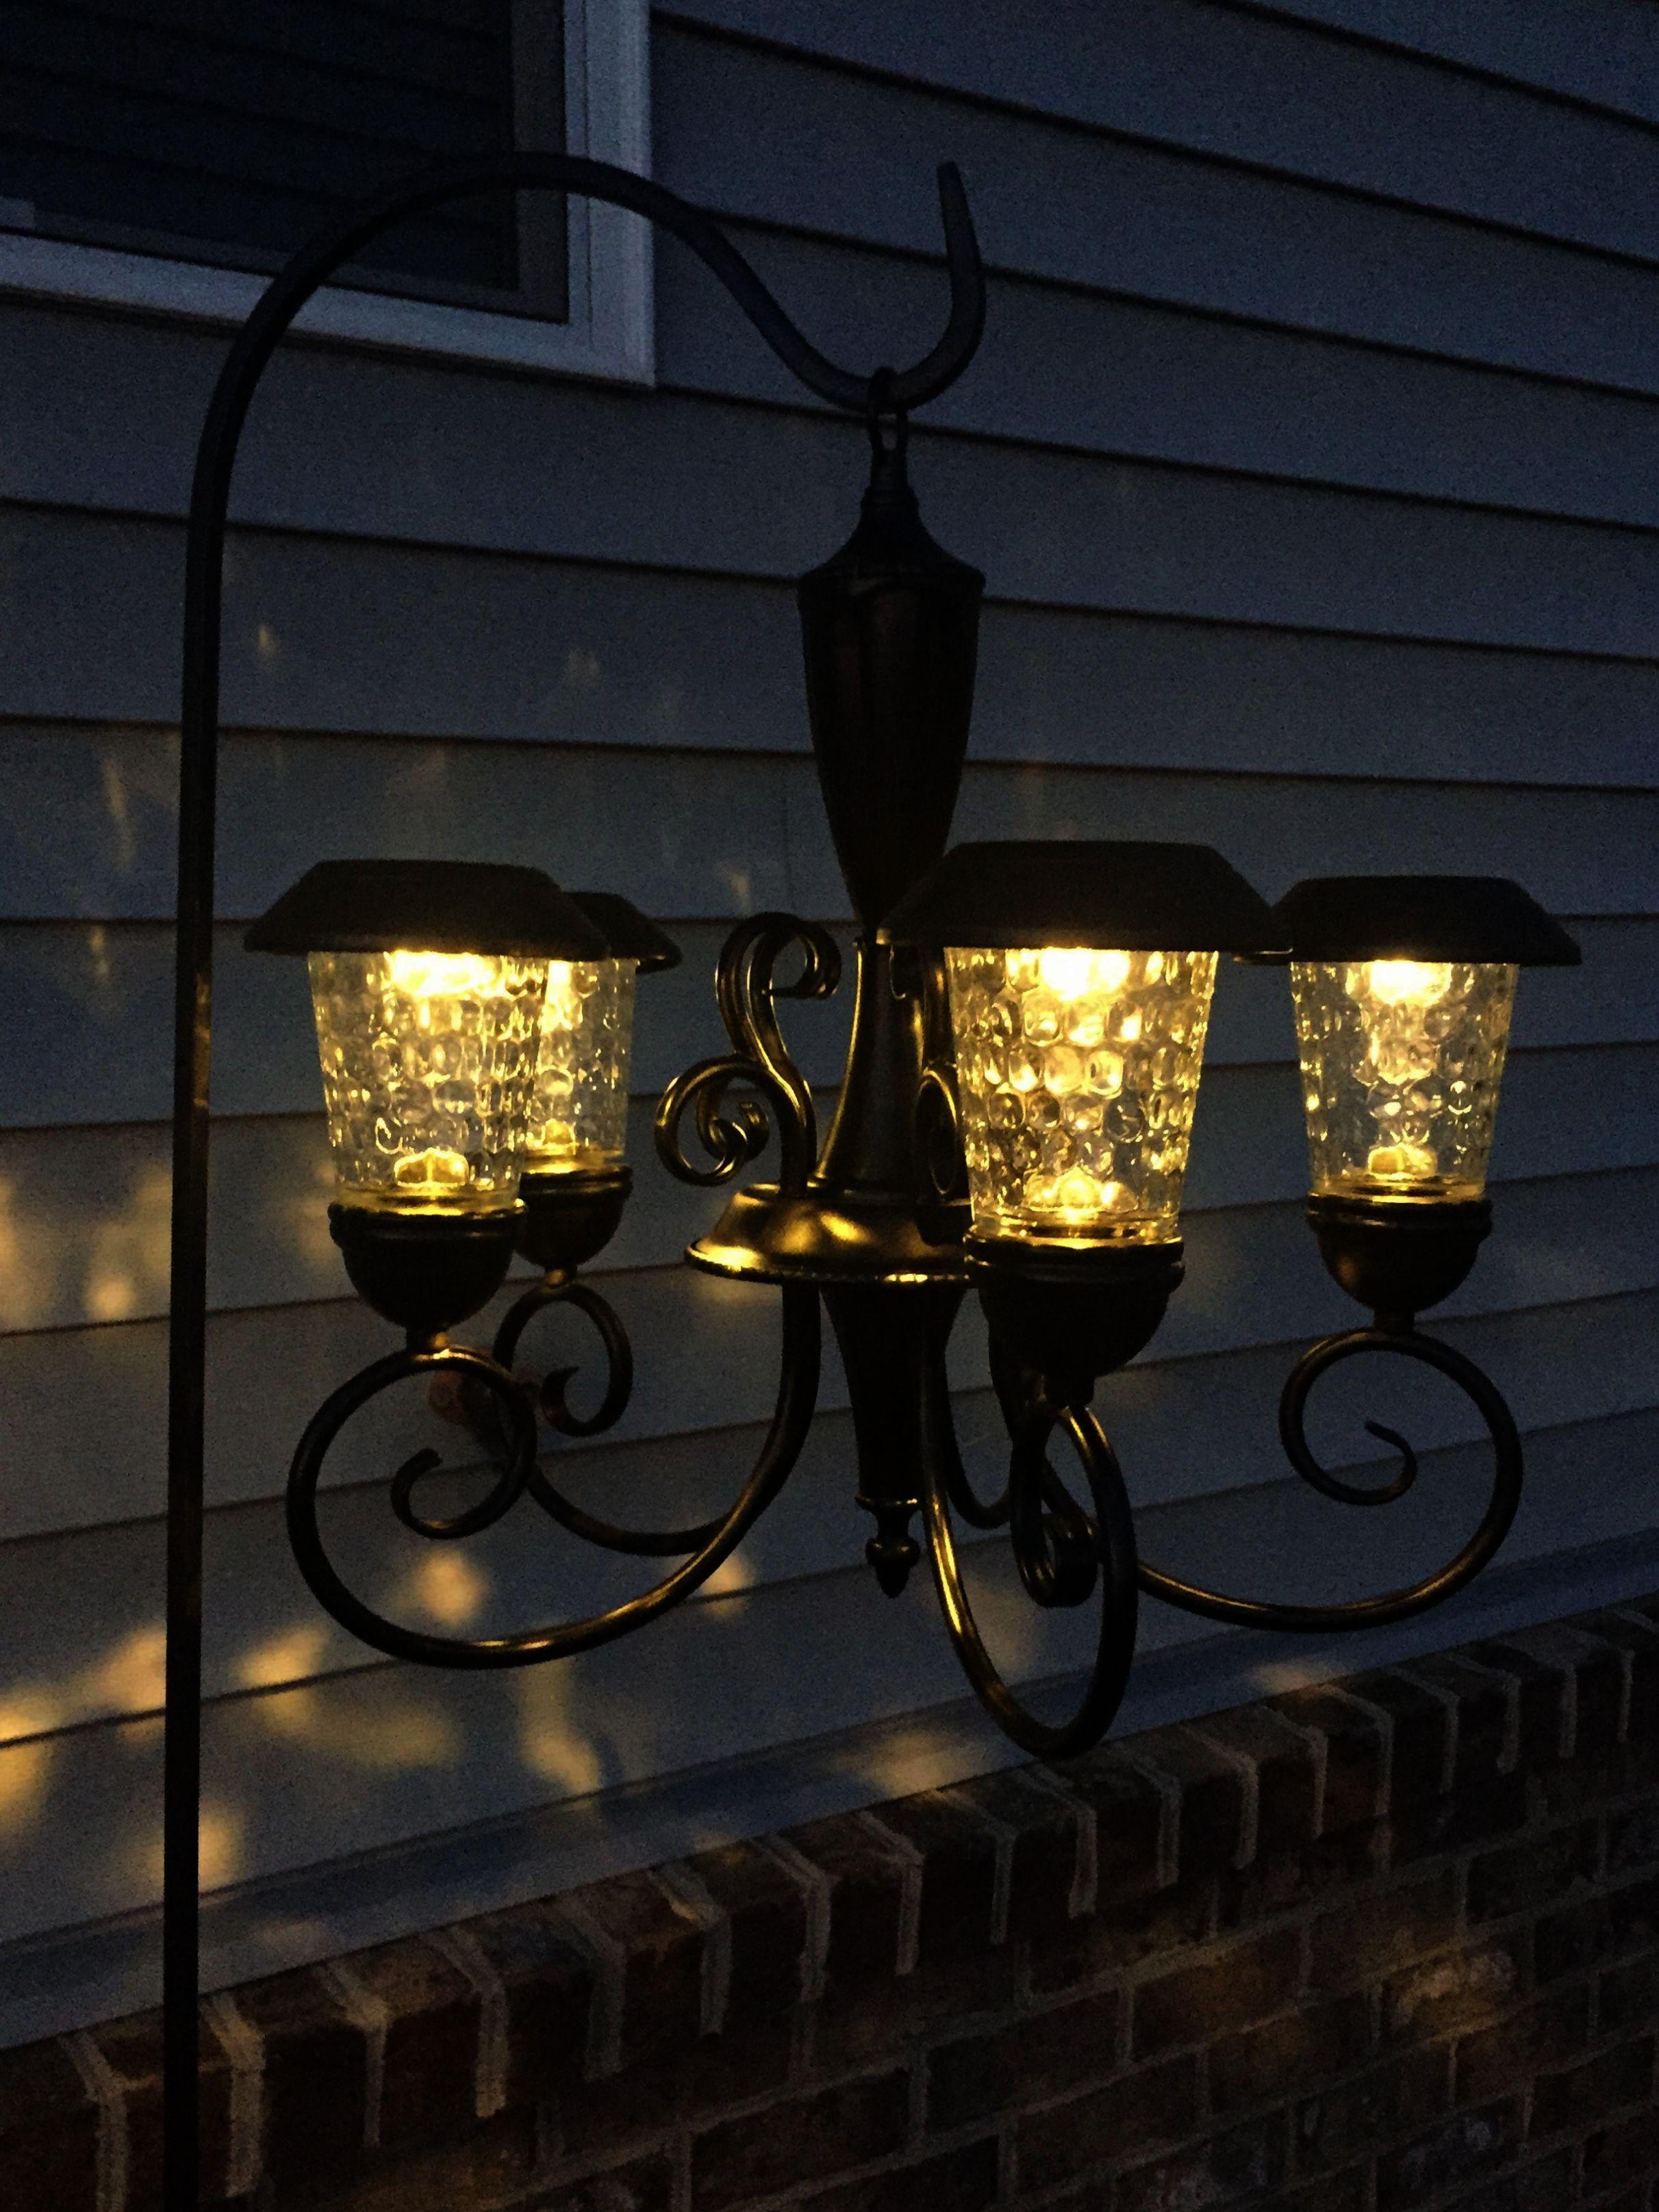 Garden Lighting Ideas B&q under Landscape Gardening